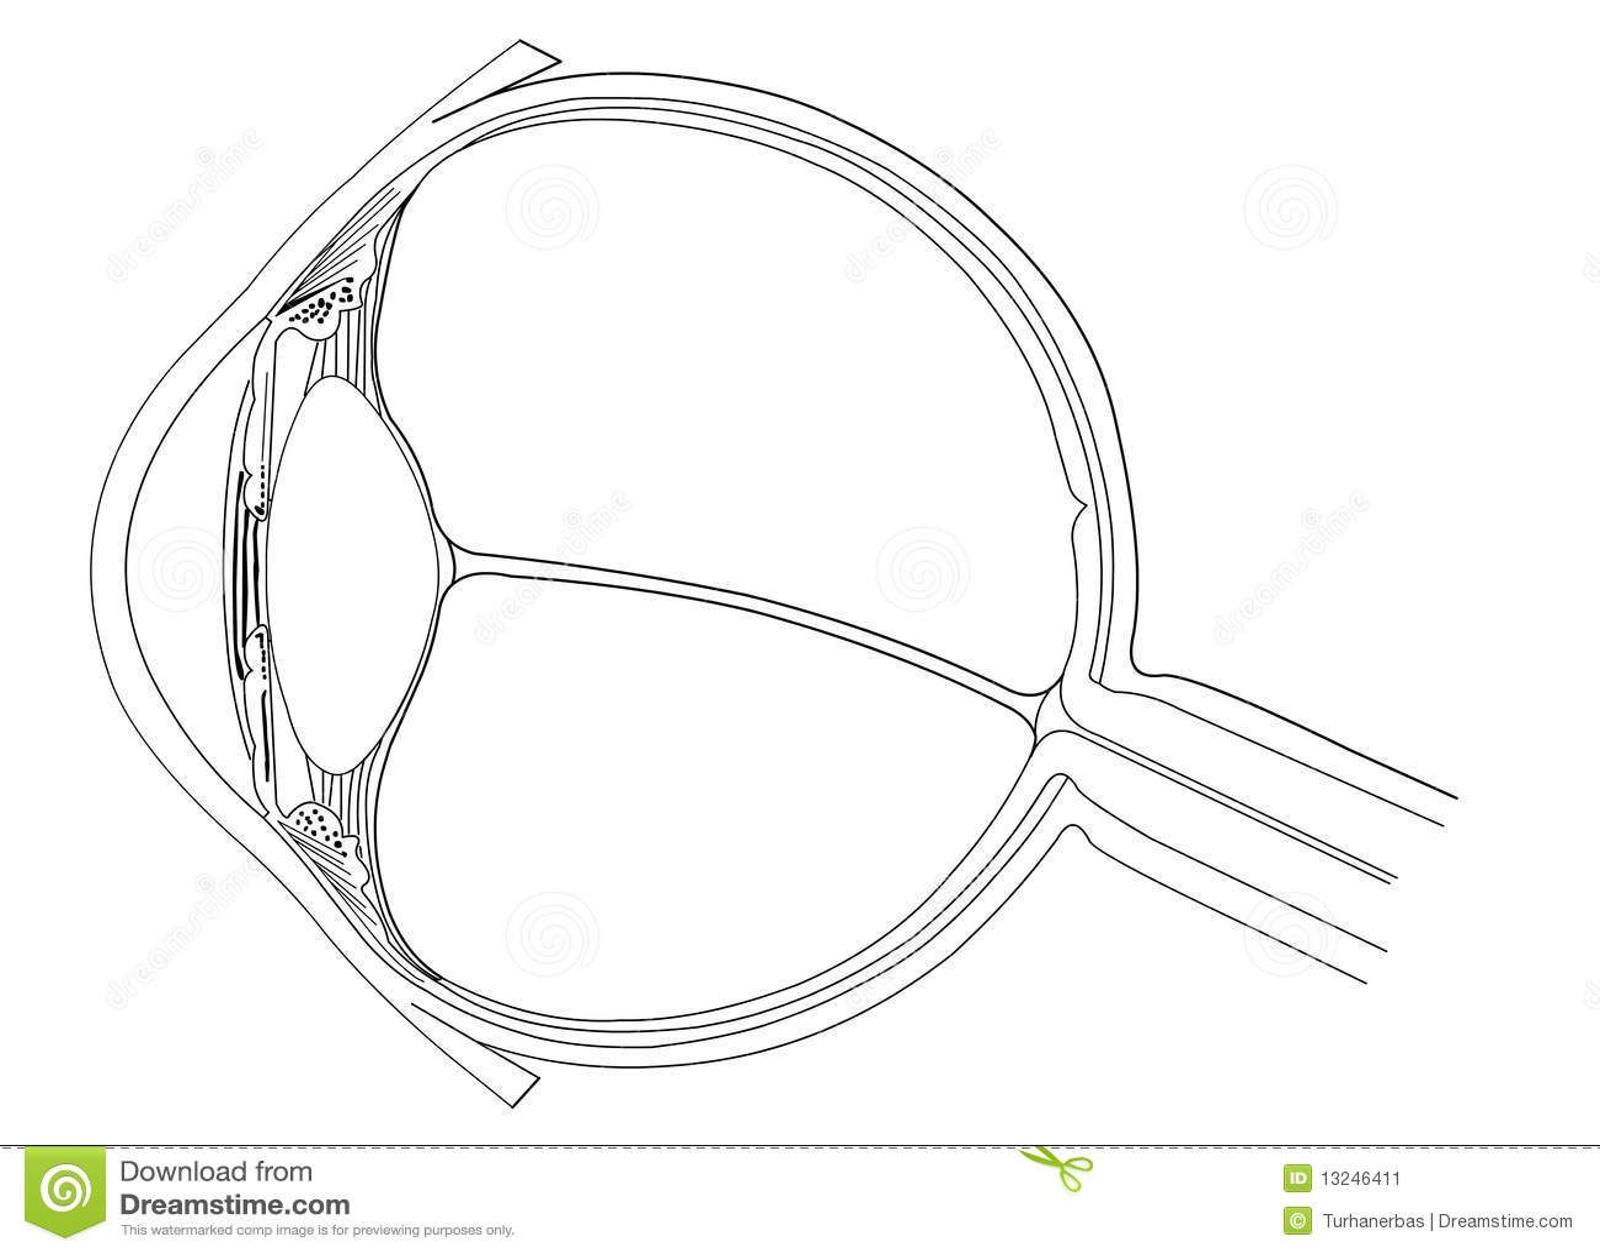 Anatomia Del Ojo Imagen De Archivo